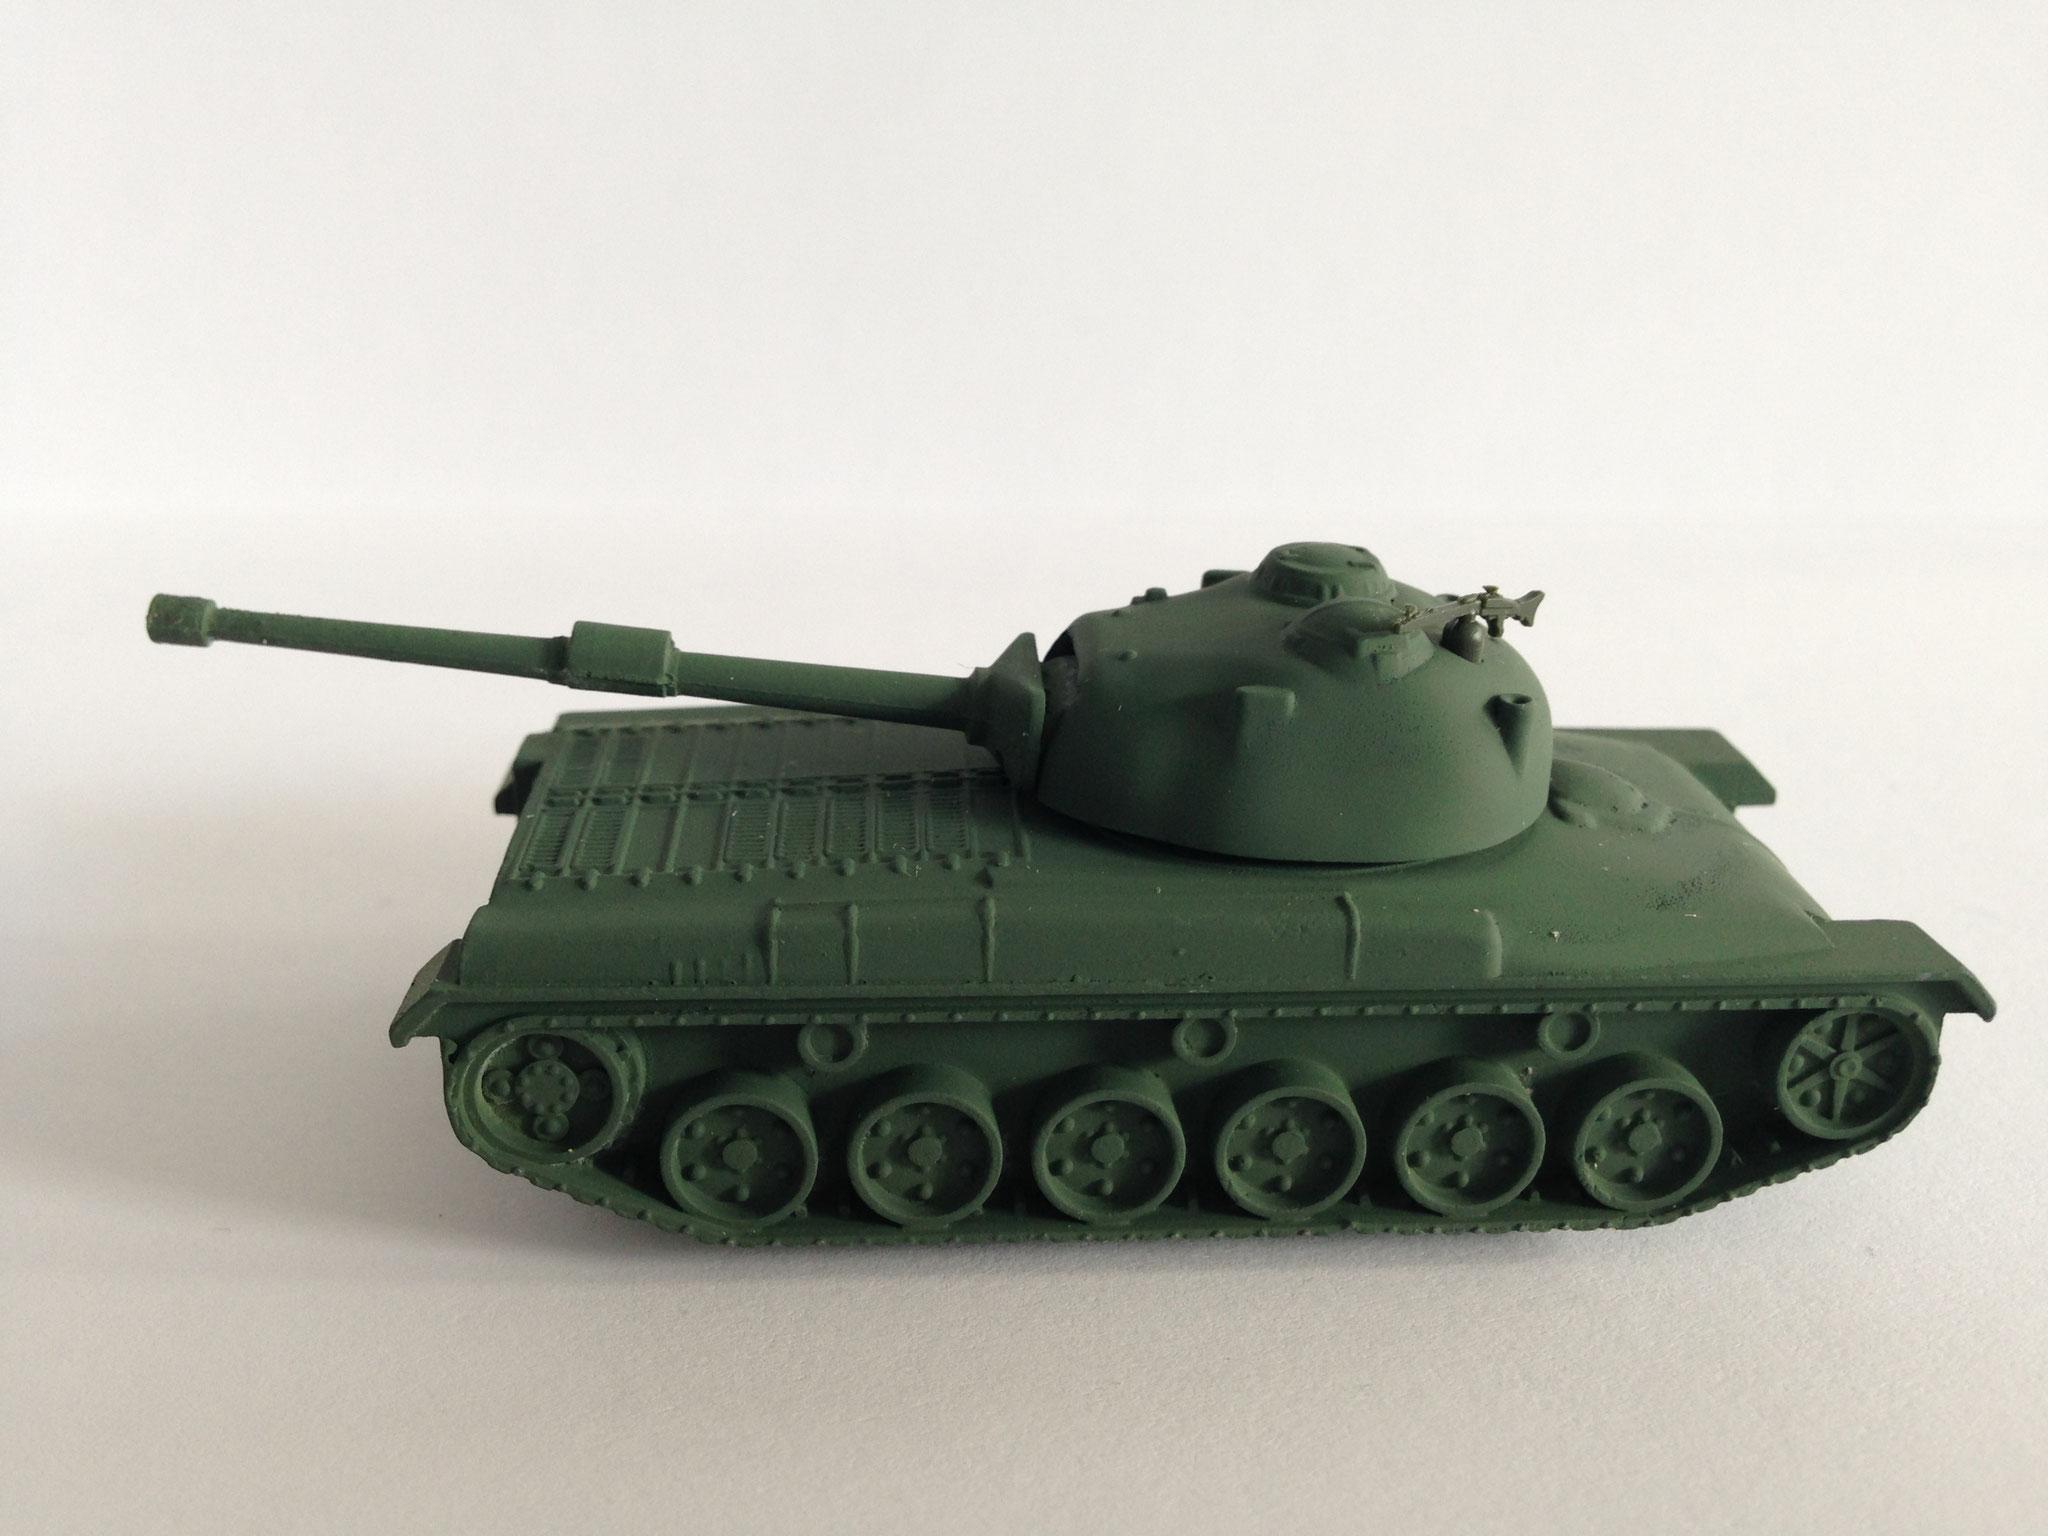 Panzer 61, Schweiz, Metallmodell, olivgrün, Serie für Schweiz mit MG 34, Art. Nr. 187